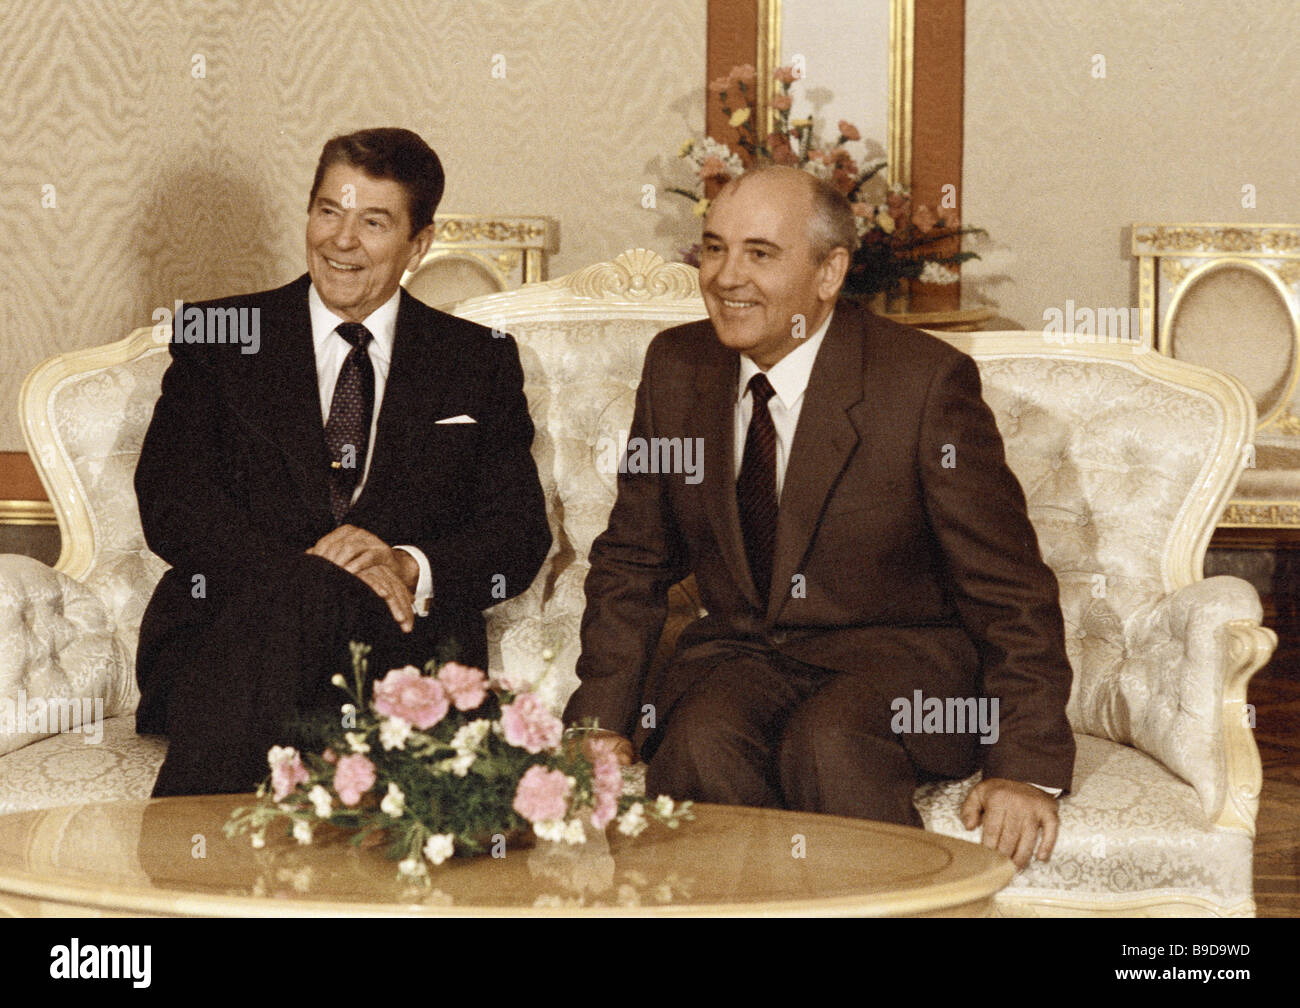 U S Presidente Ronald Reagan a destra e il segretario generale del Comitato centrale di CPSU Mikhail Gorbaciov a Immagini Stock